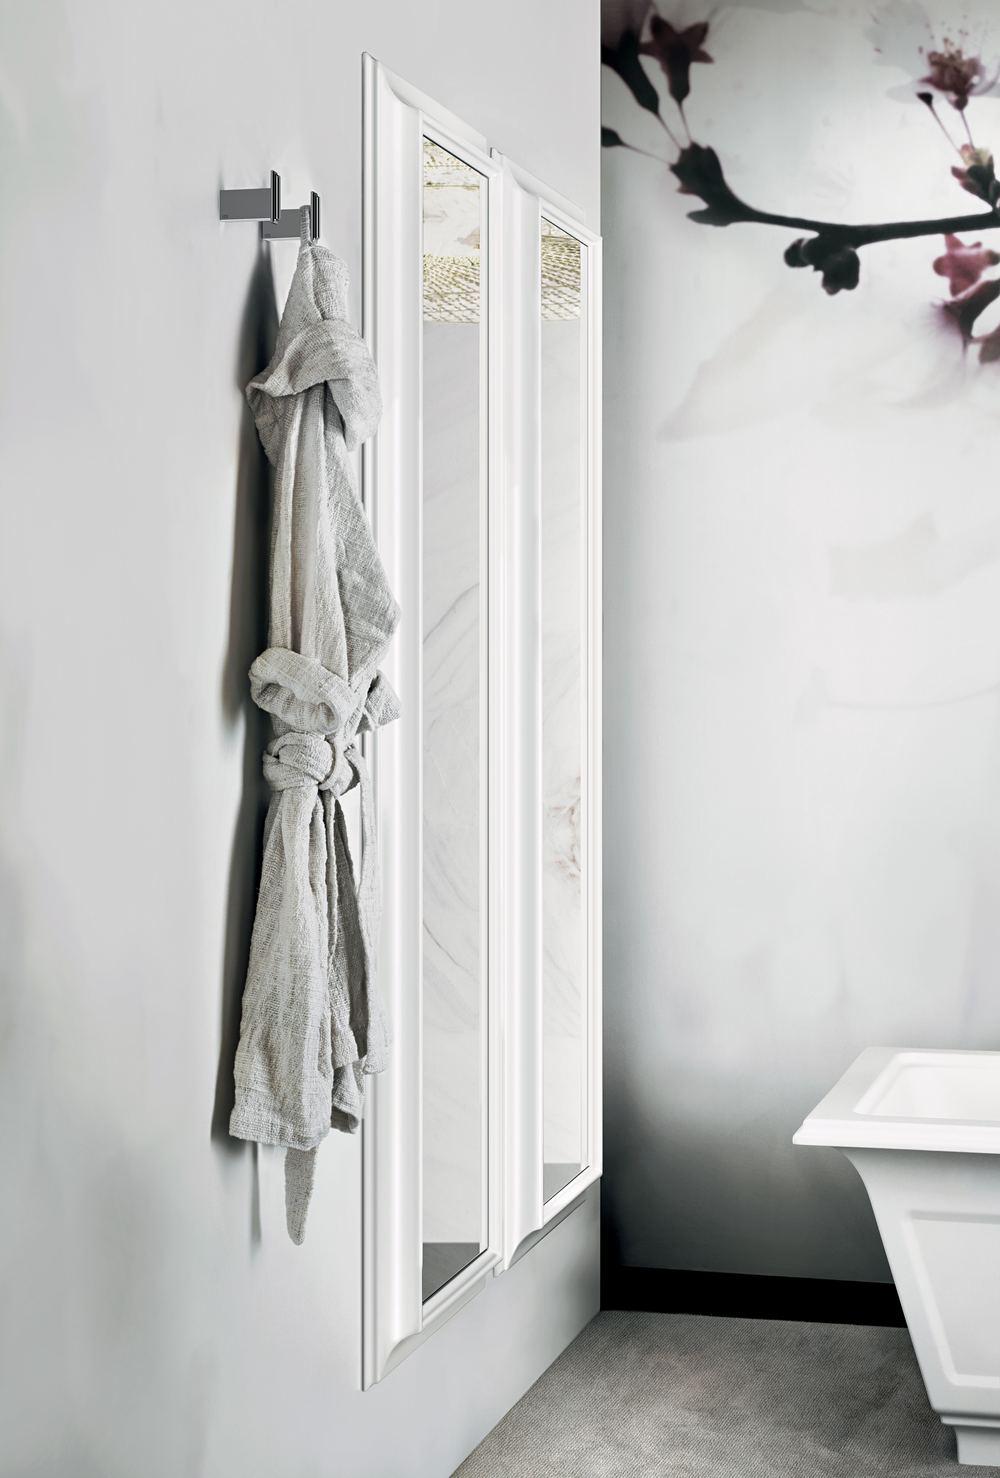 Fascino Gessi robe hooks.jpg